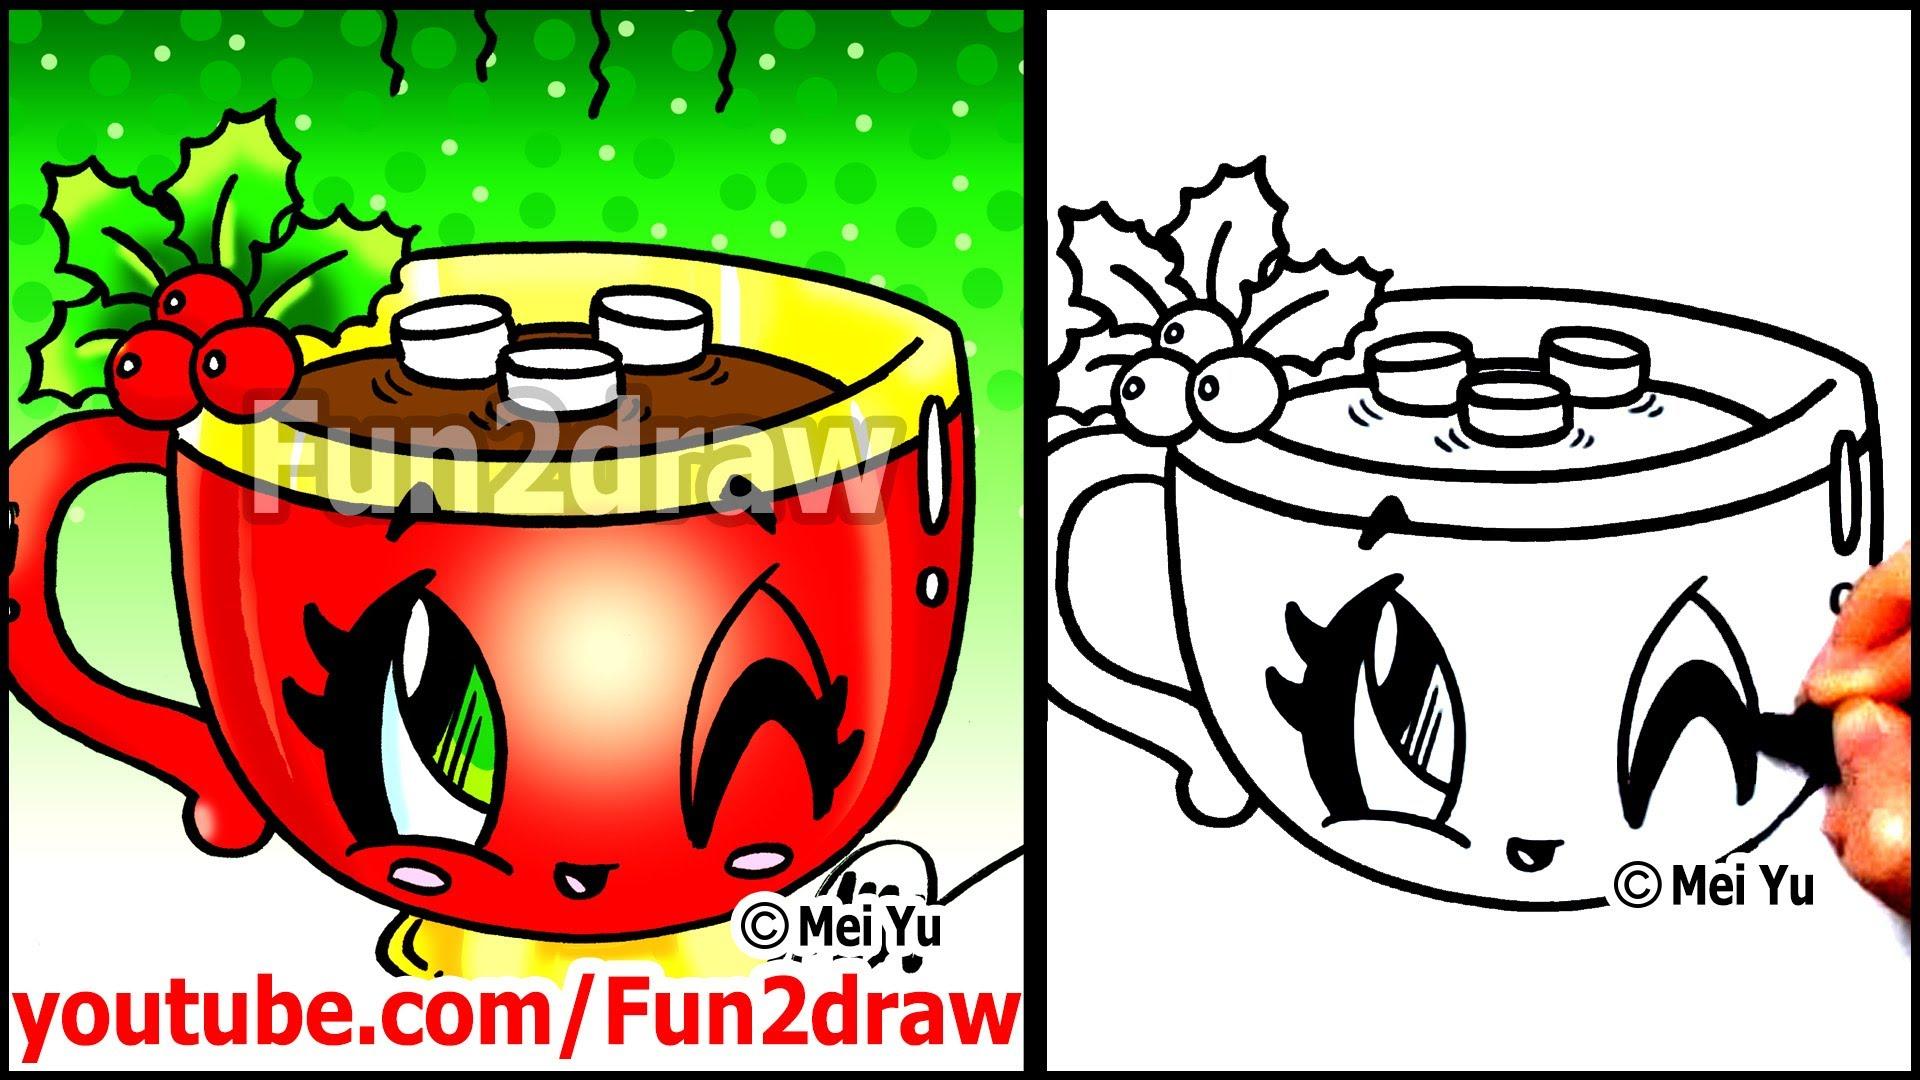 Drawn snowflake fun2draw Food Draw Food to +